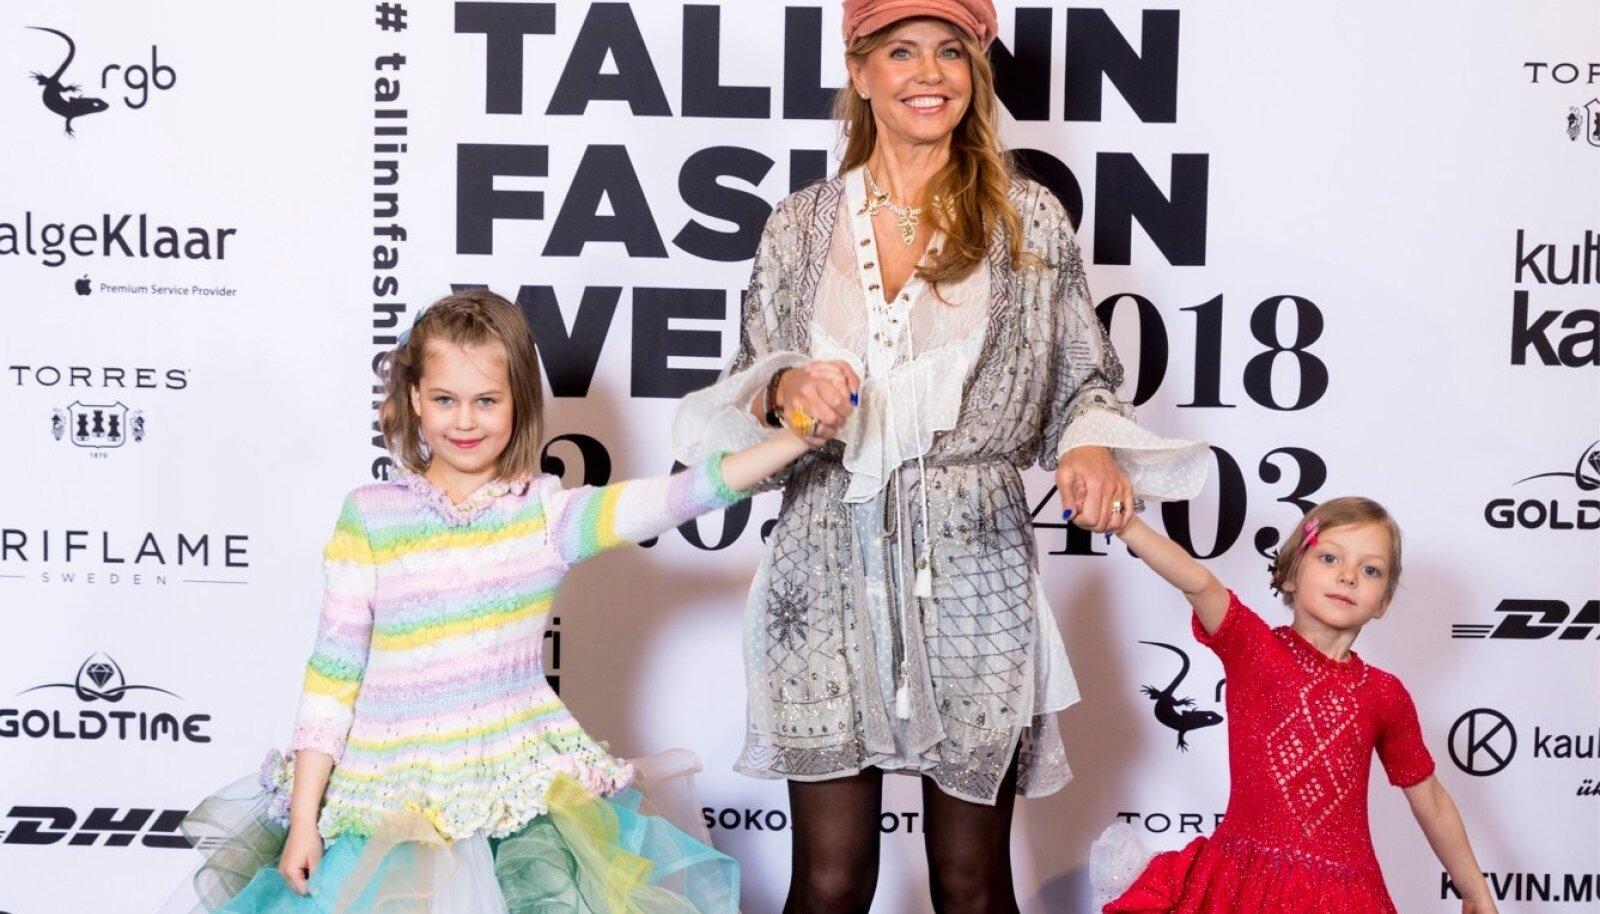 Tallinn Fashion Week 2018, 3.päeva fotosein